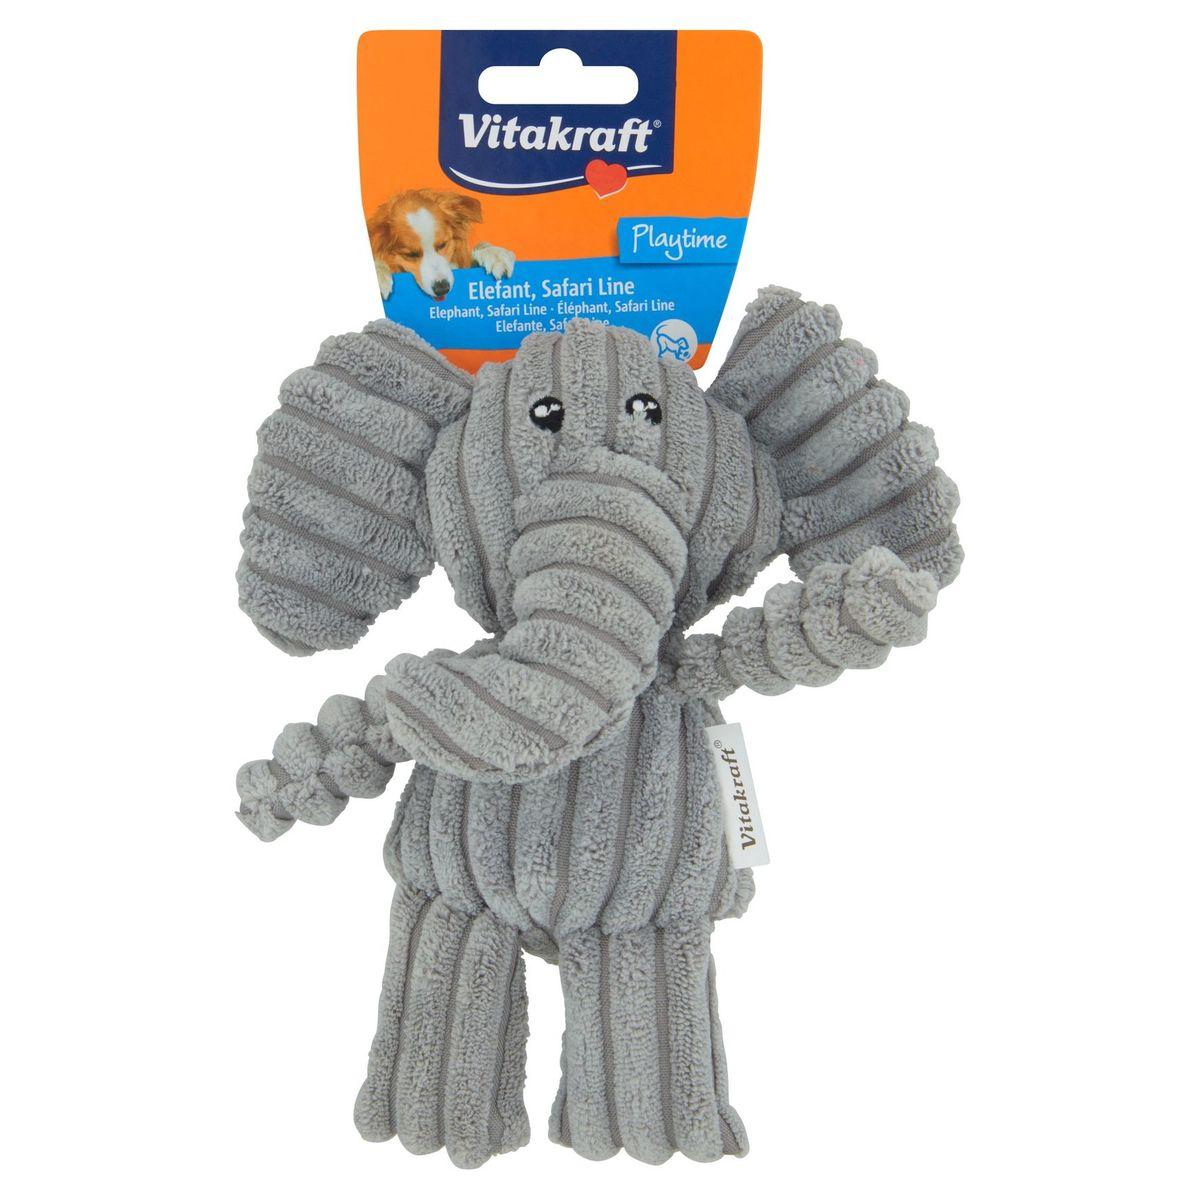 Vitakraft Playtime Elephant, Safari Line